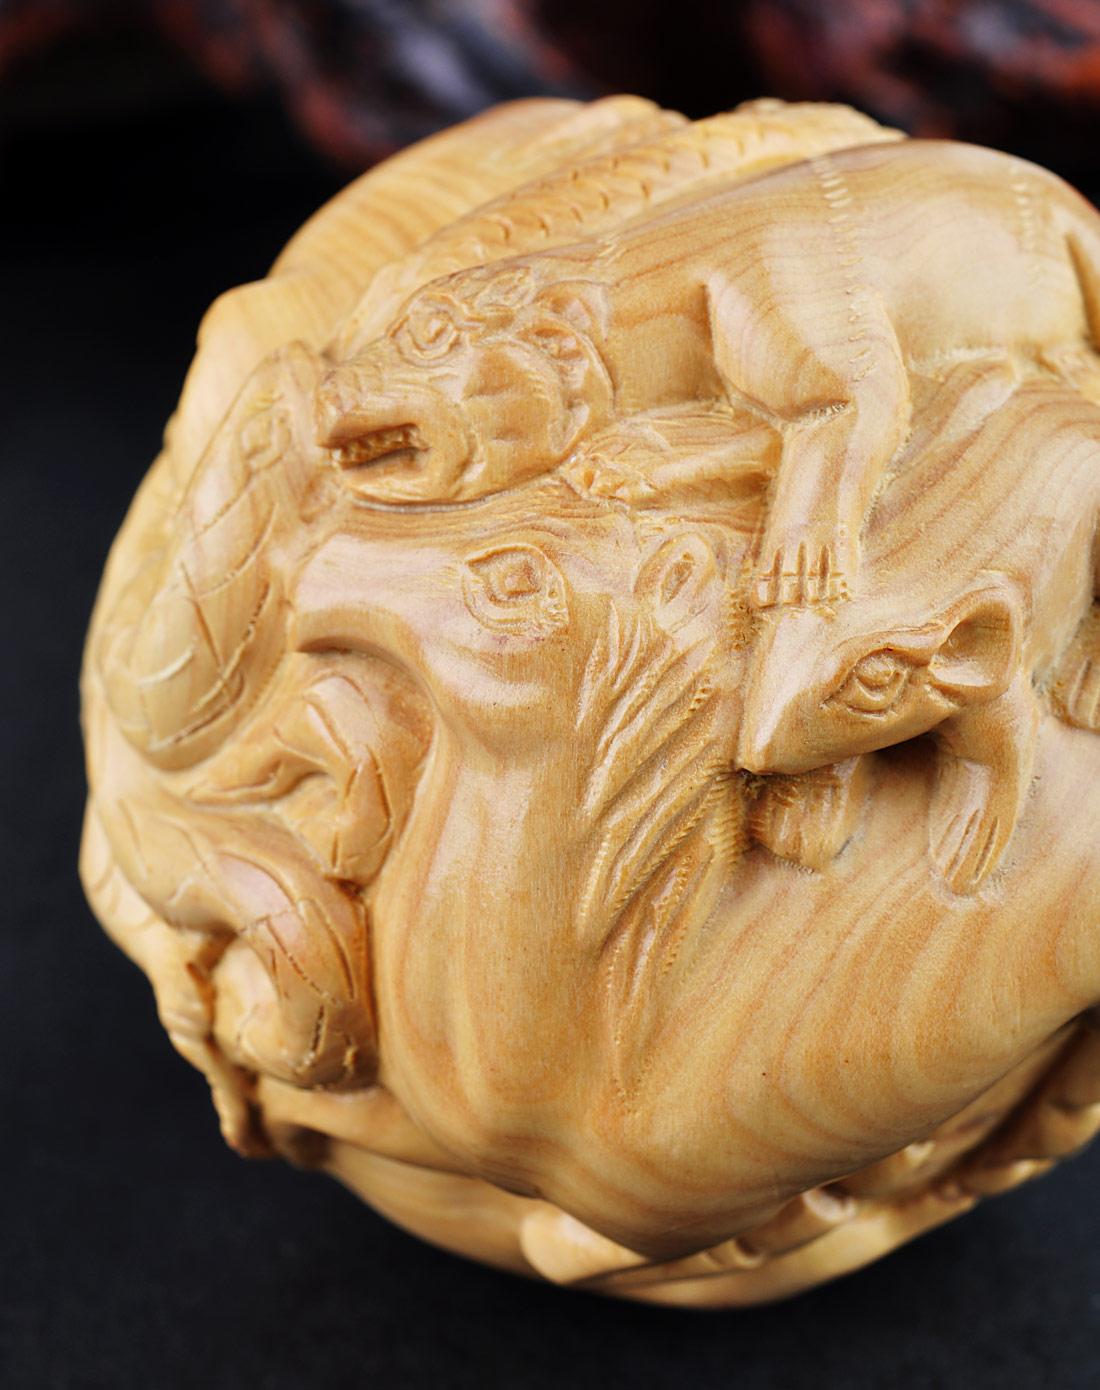 十二生肖浮雕黄杨木(生肖球)摆件